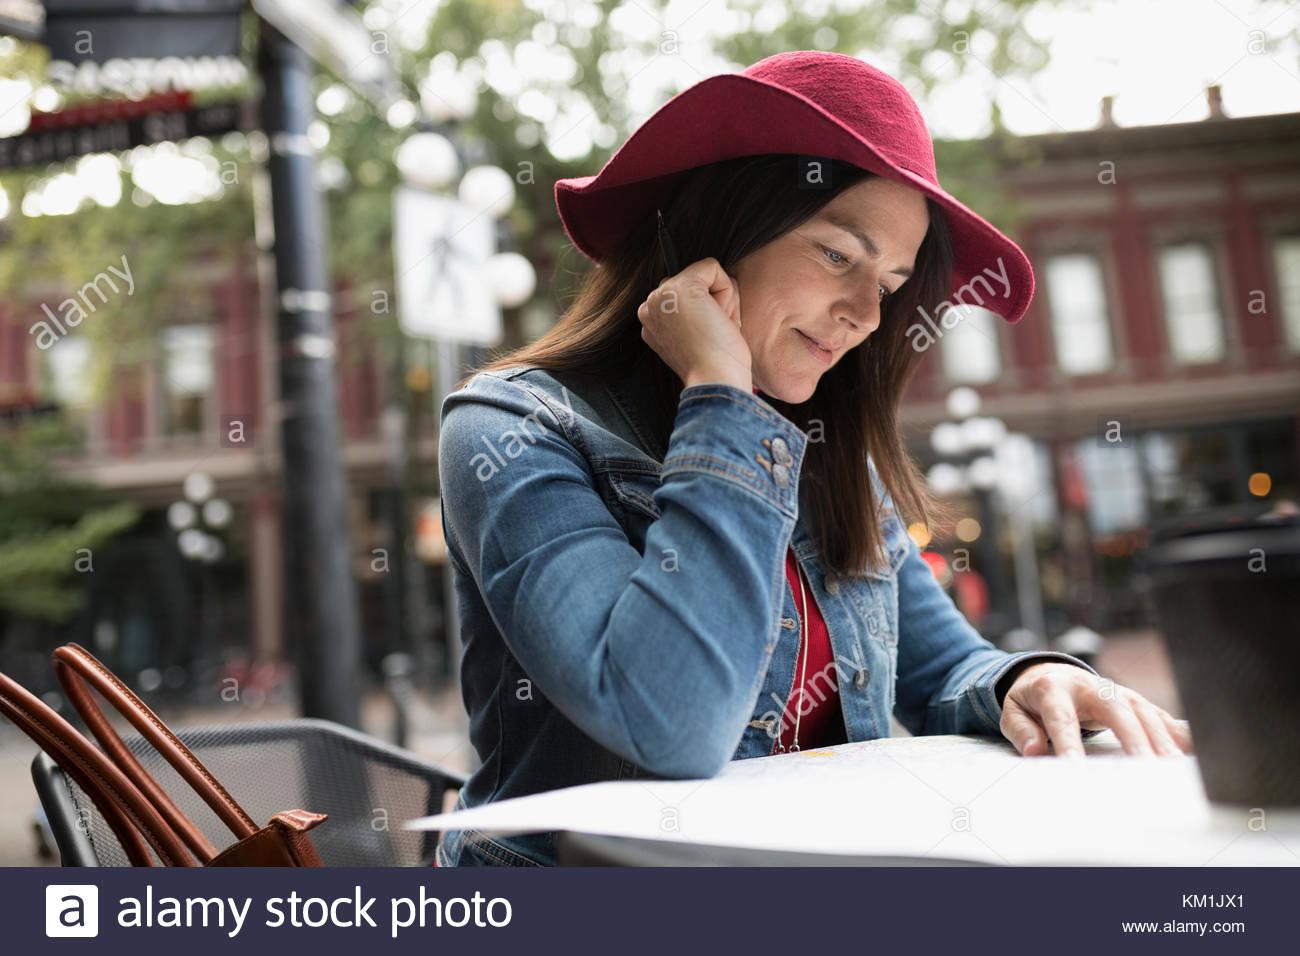 Donna matura in hat guardando la mappa a livello urbano sidewalk cafe Immagini Stock